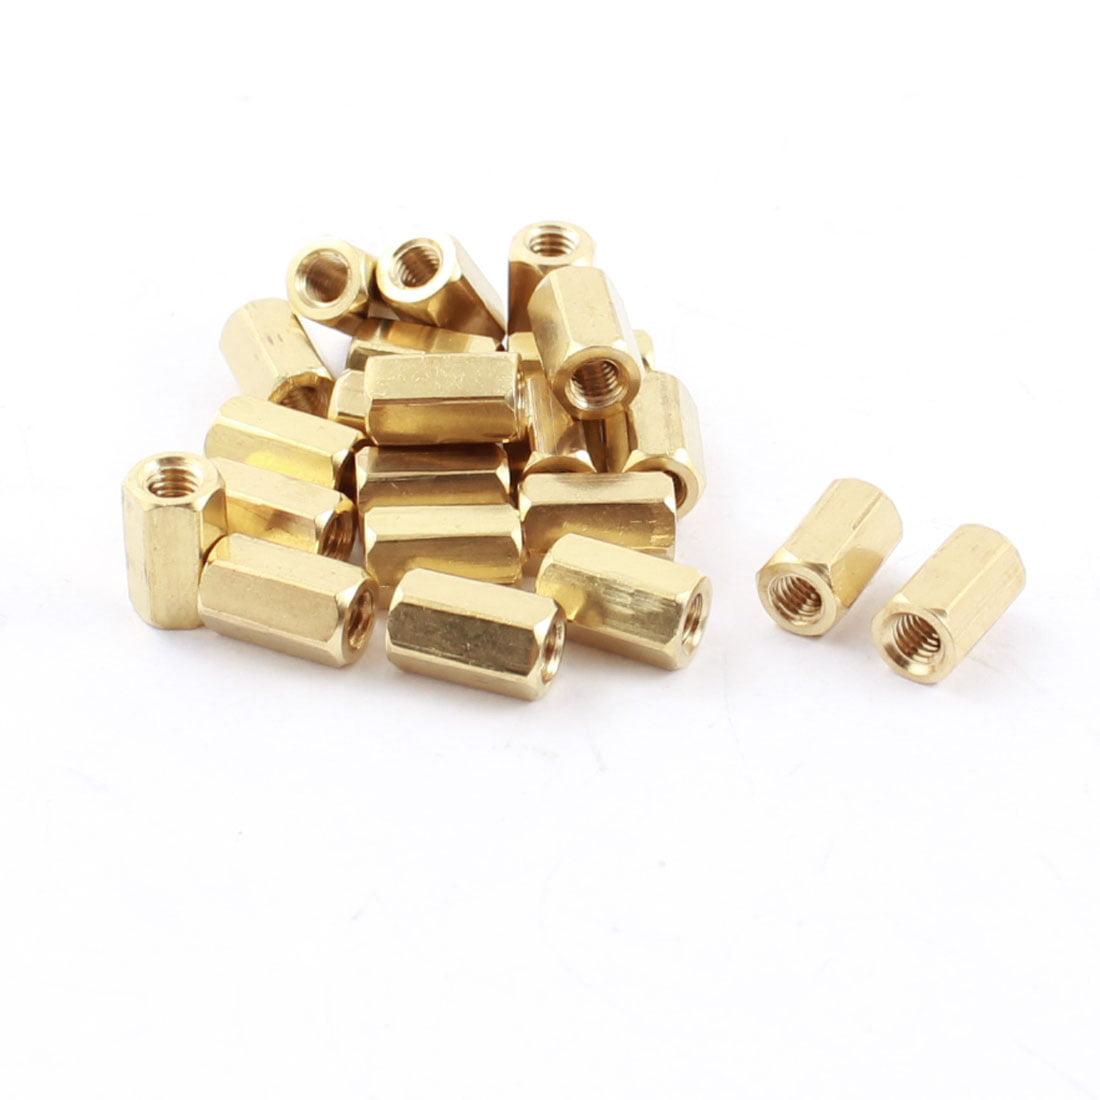 20pcs M3 x 8mm filetage femelle en laiton doré Standoff entretoise hexagonale - image 1 de 1